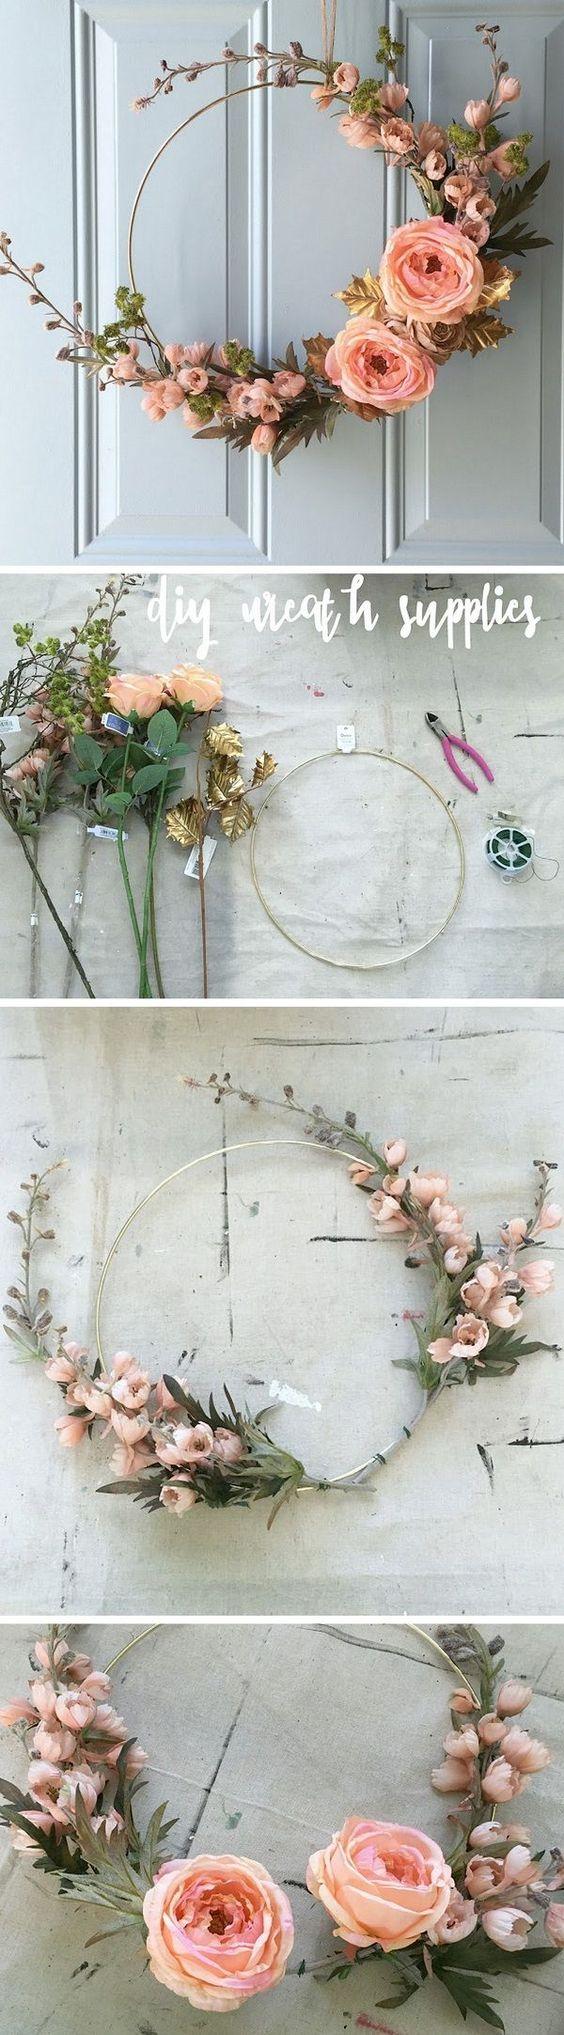 De jolies cercles en fleurs et branchages pour une décoration de mariage champêtre.